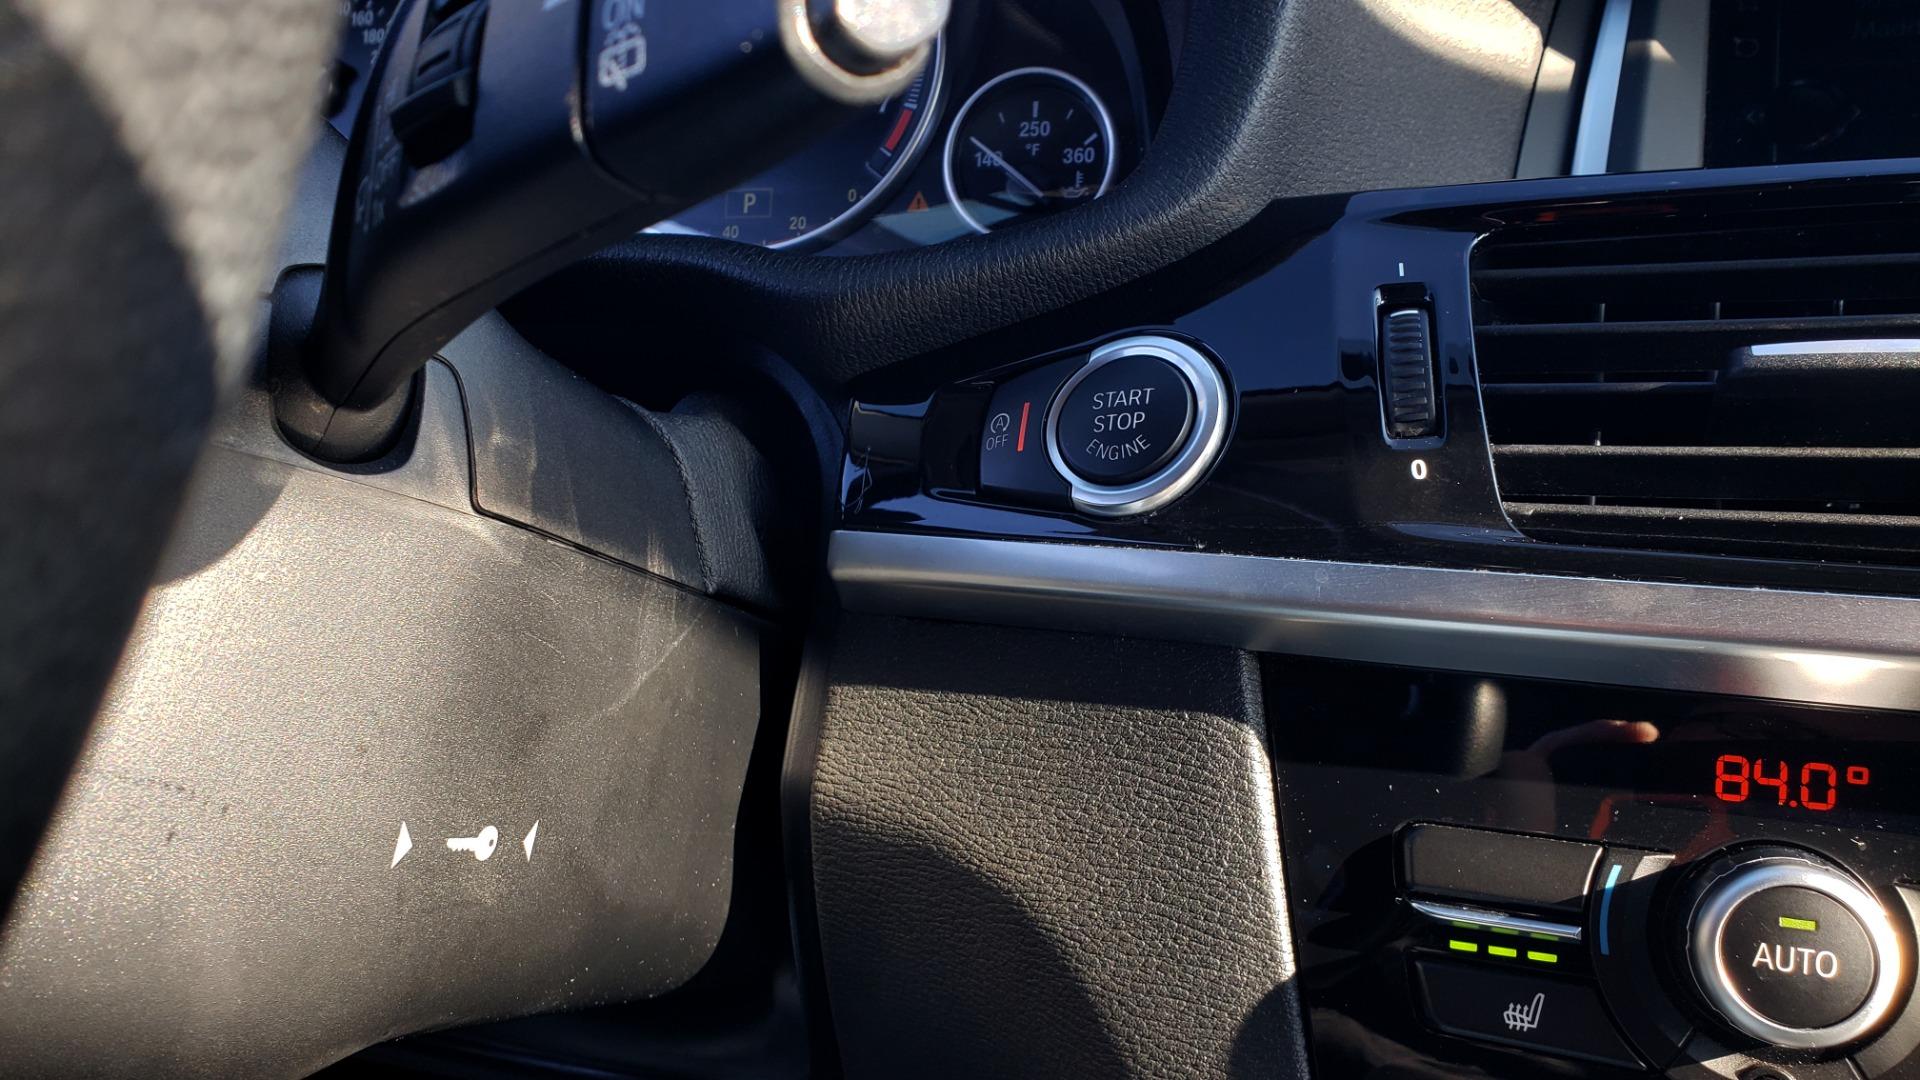 Used 2017 BMW X3 XDRIVE28I / PREM PKG / NAV / DRVR ASST / HTD STS / CAMERAS for sale Sold at Formula Imports in Charlotte NC 28227 50